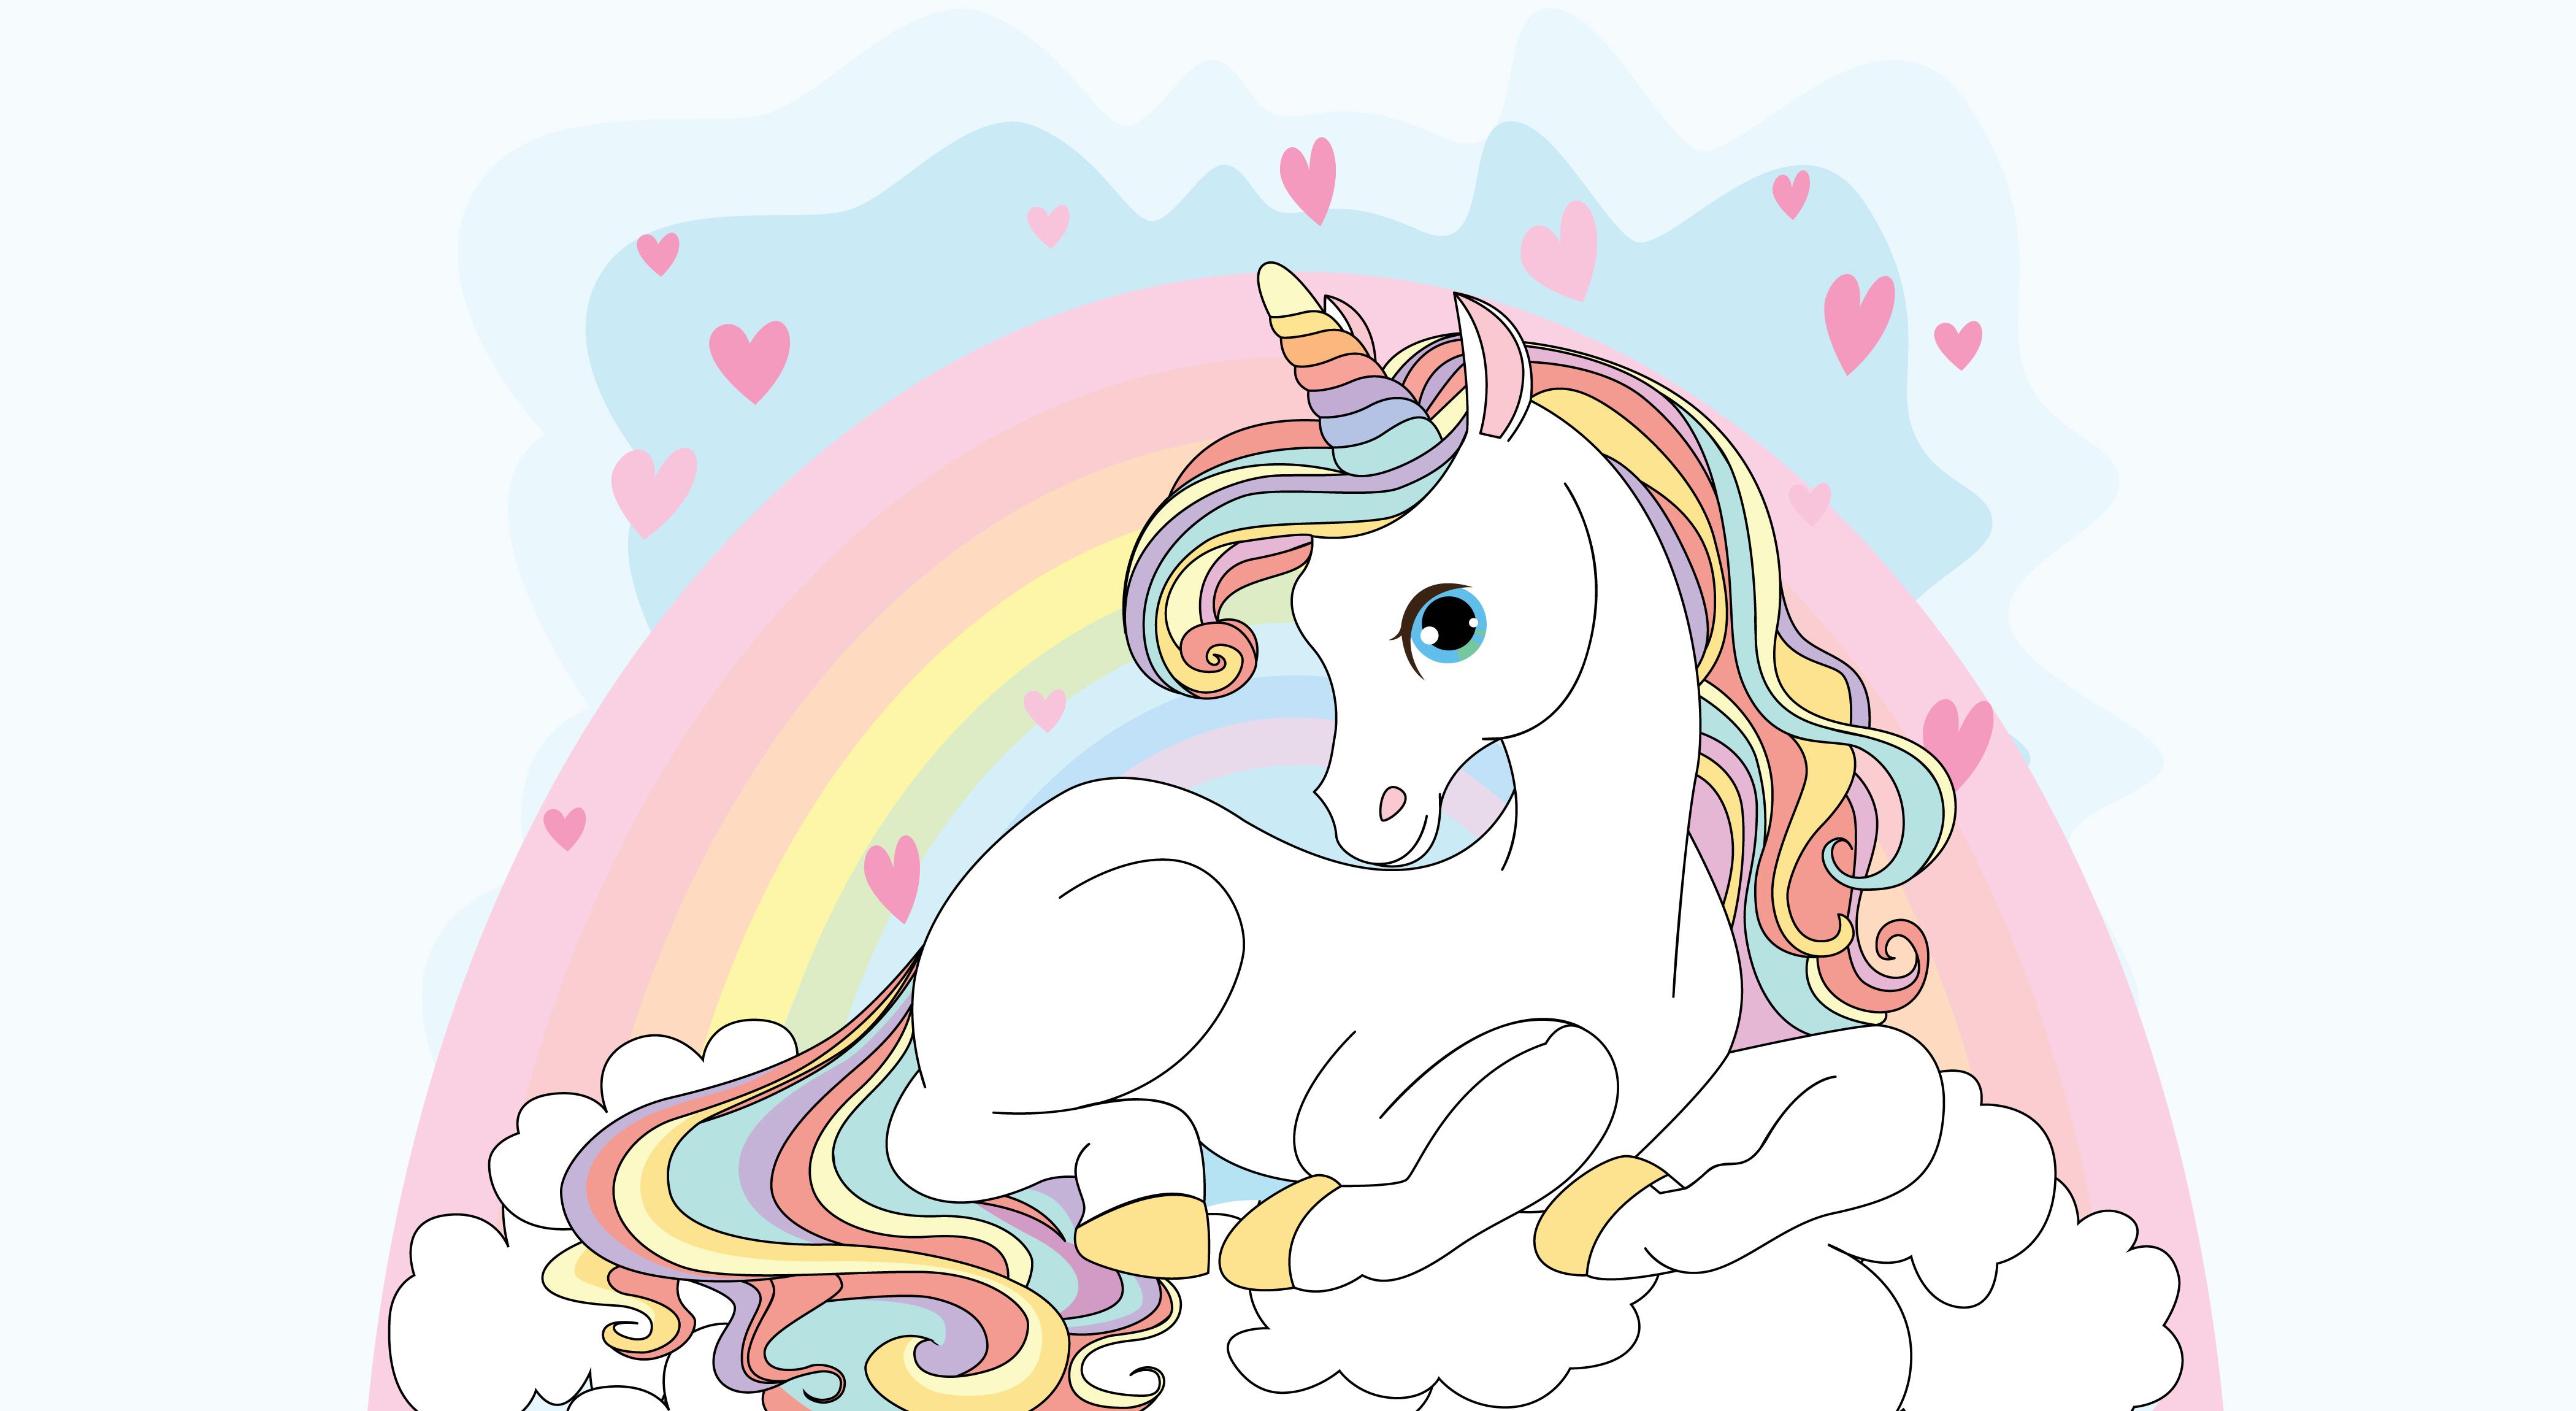 Wallpaper For Laptop Unicorn